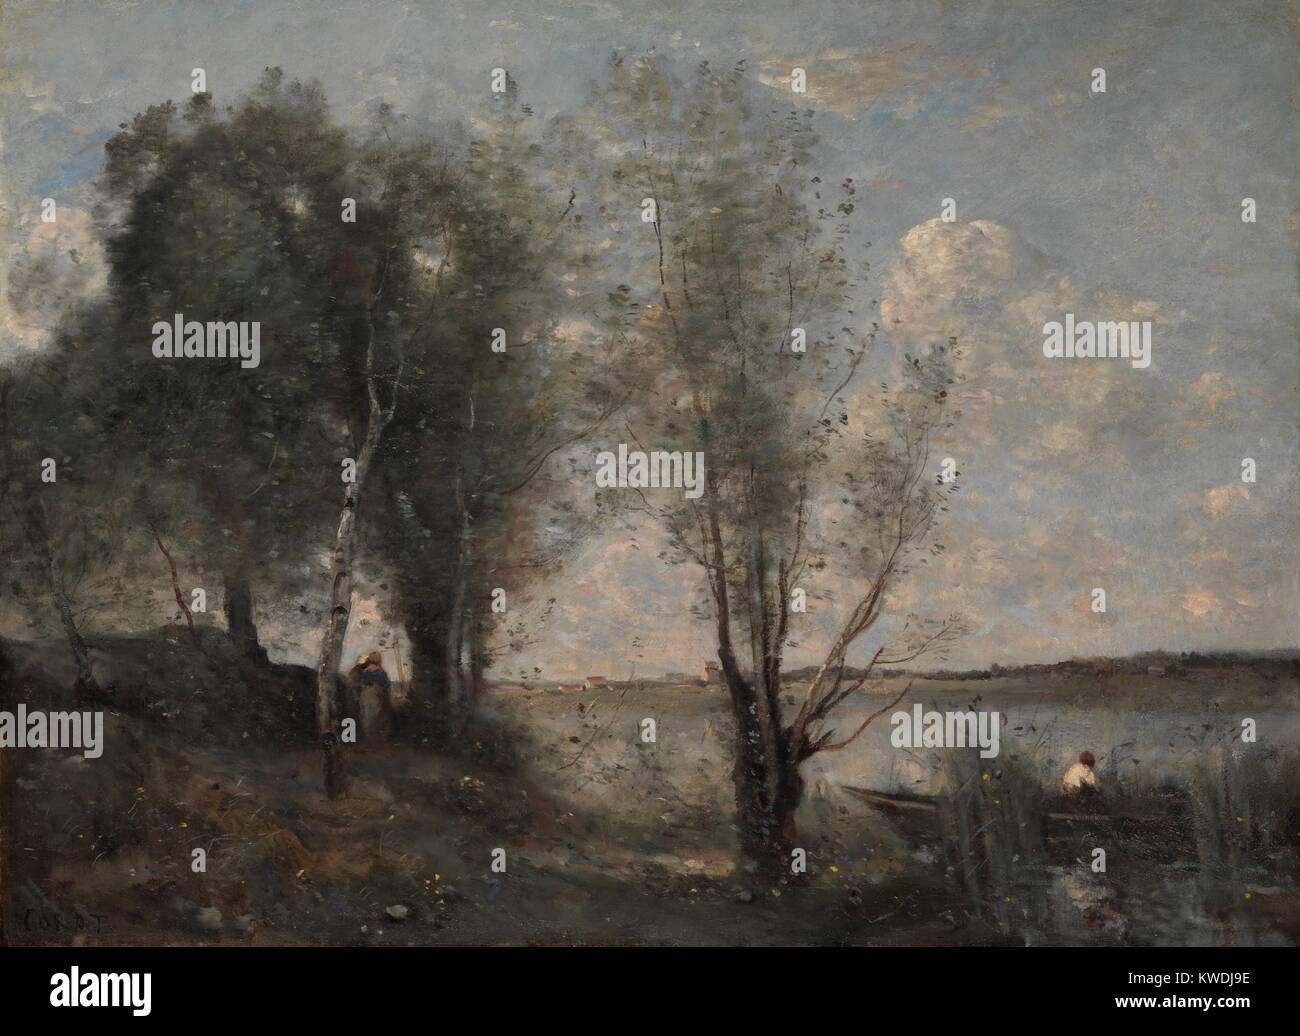 Fährmann in das Schilf, von Camille Corot, 1865, Französische Malerei, Öl auf Leinwand. Wie viele Stockbild